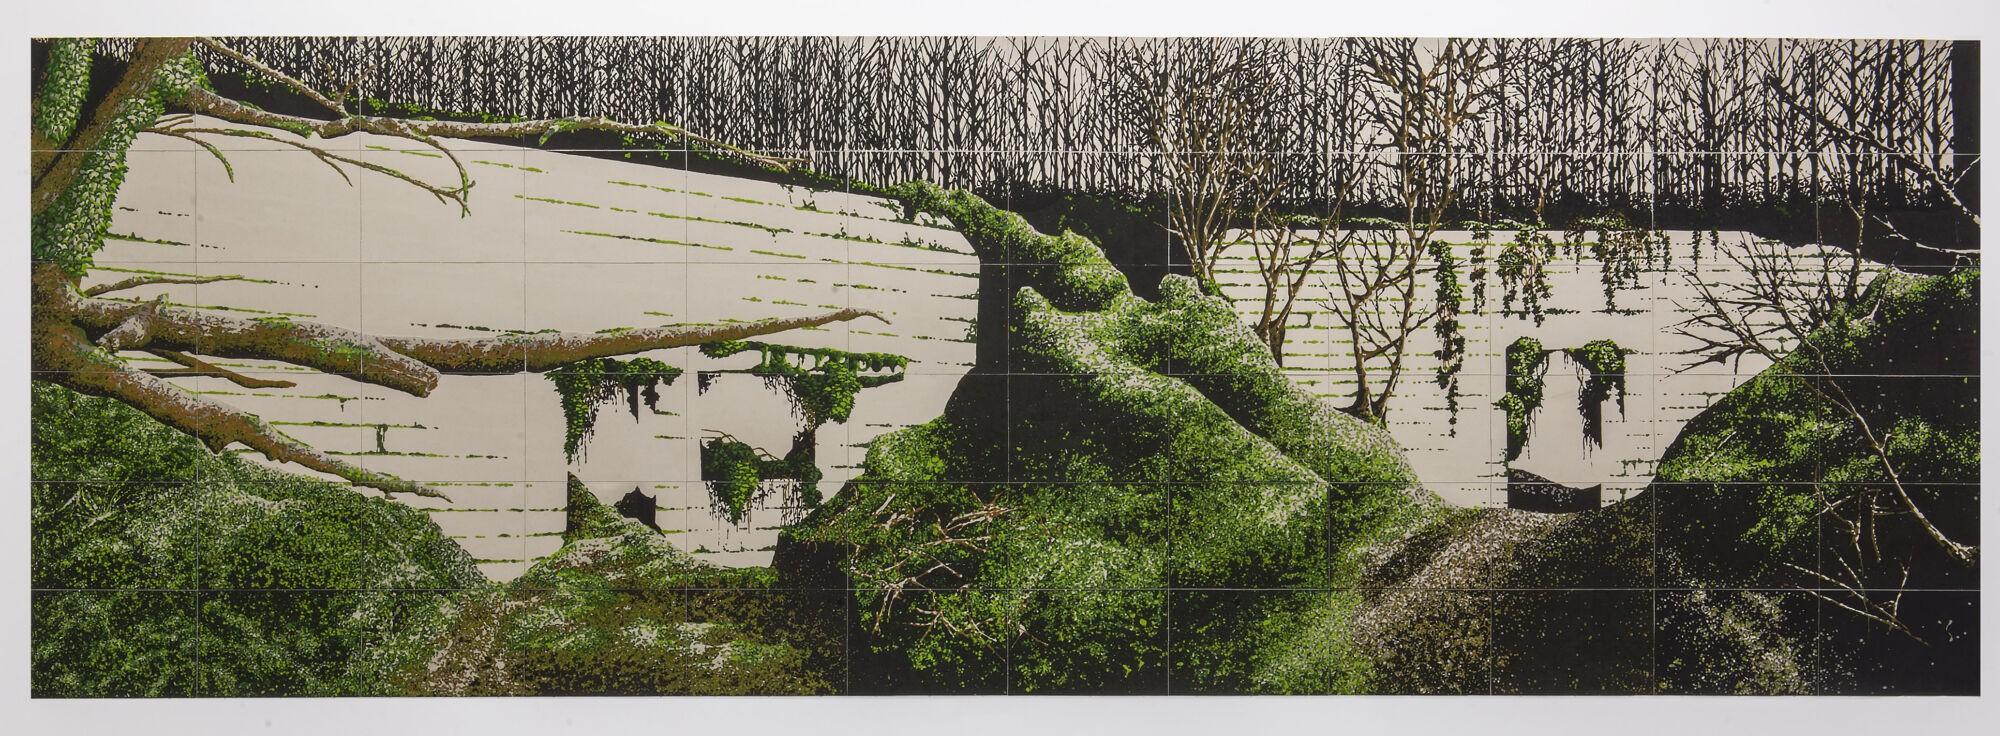 Marie Havel, vue de l'exposition Le Bal des survivances - Post_Production 2019 - Frac Occitanie Montpellier. Photo Pierre Schwartz